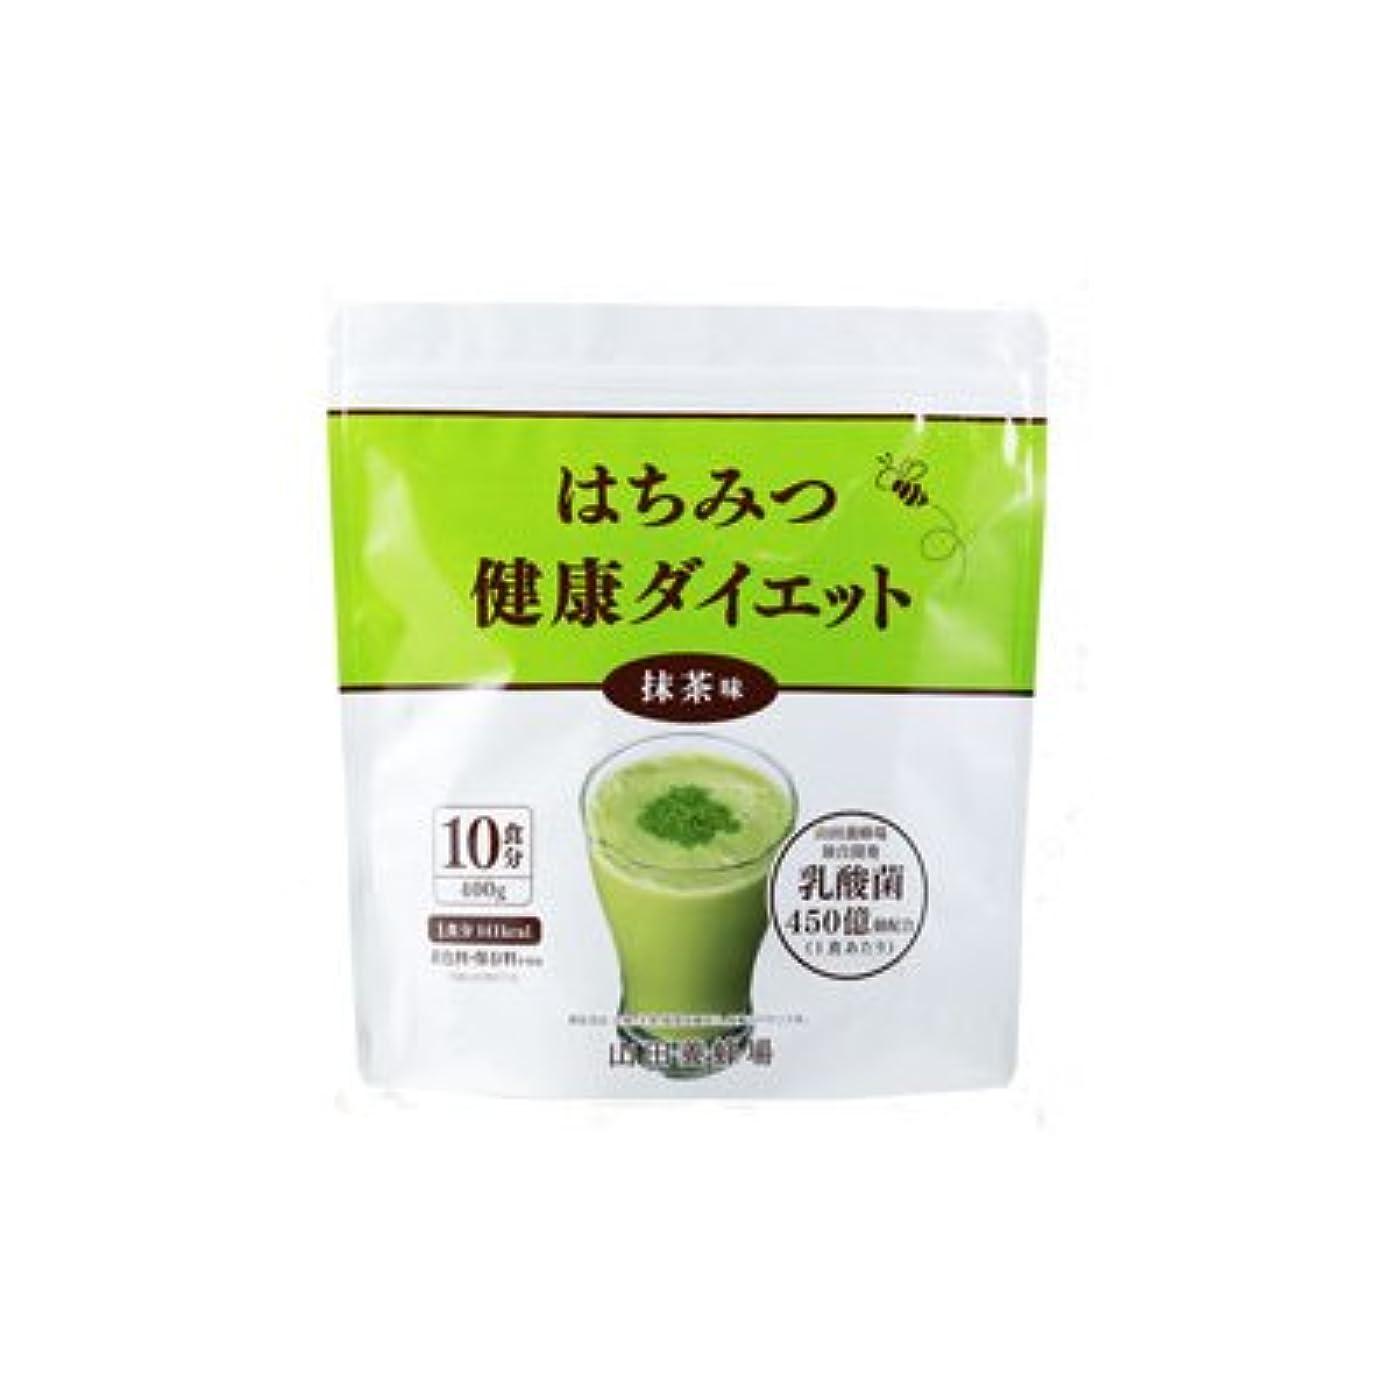 争うステレオ感じるはちみつ健康ダイエット 【抹茶味】400g(10食分)